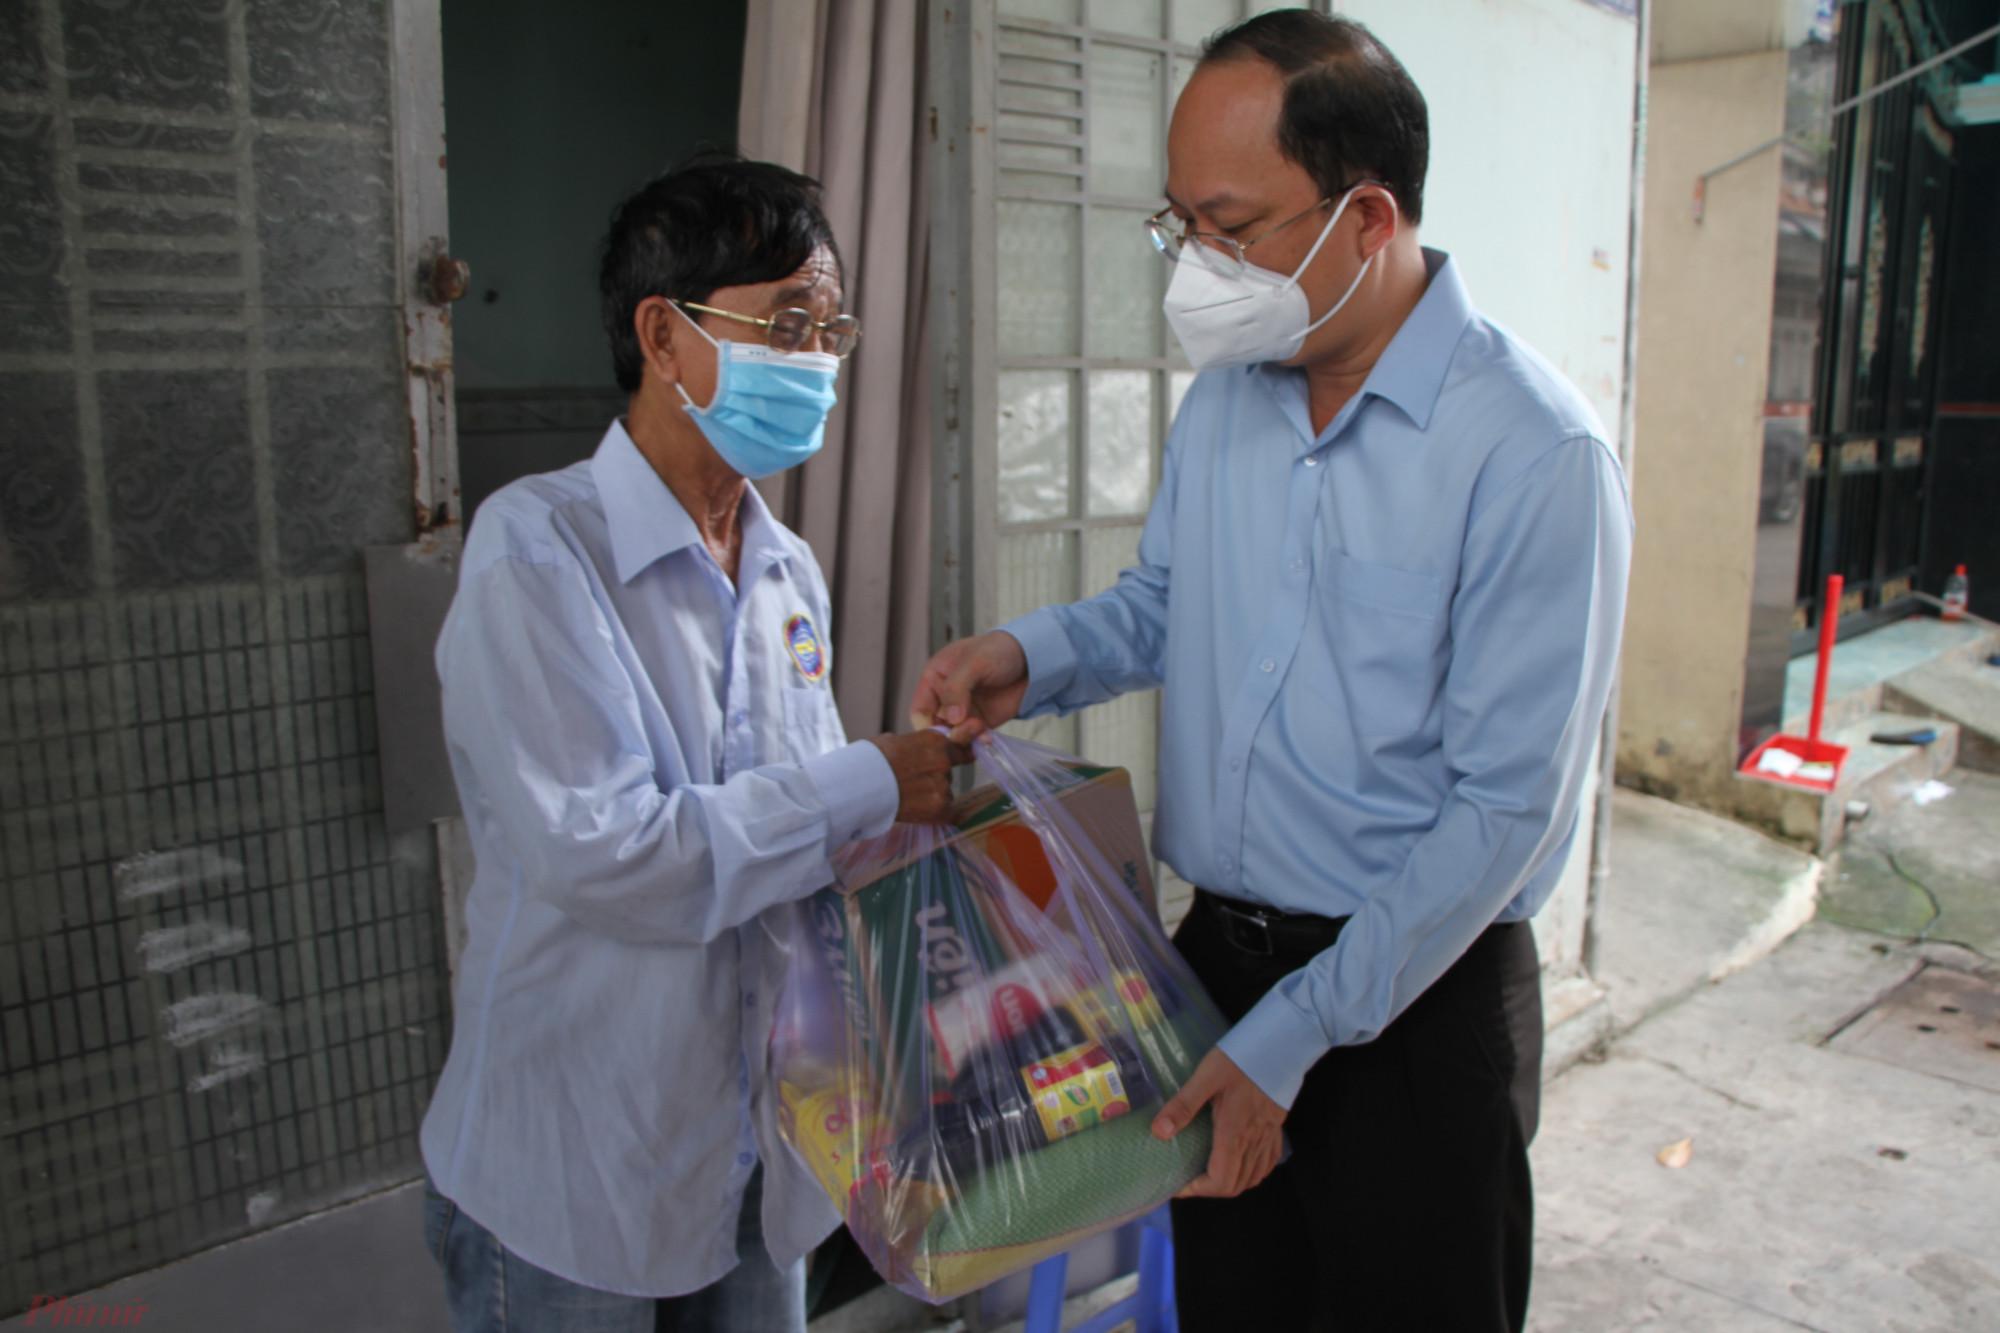 Phó bí thư Thành ủy TPHCM Nguyễn Hồ Hải , trao quà cho một lao động ở trọ gặp khó khăn  tại KP1, phường 15